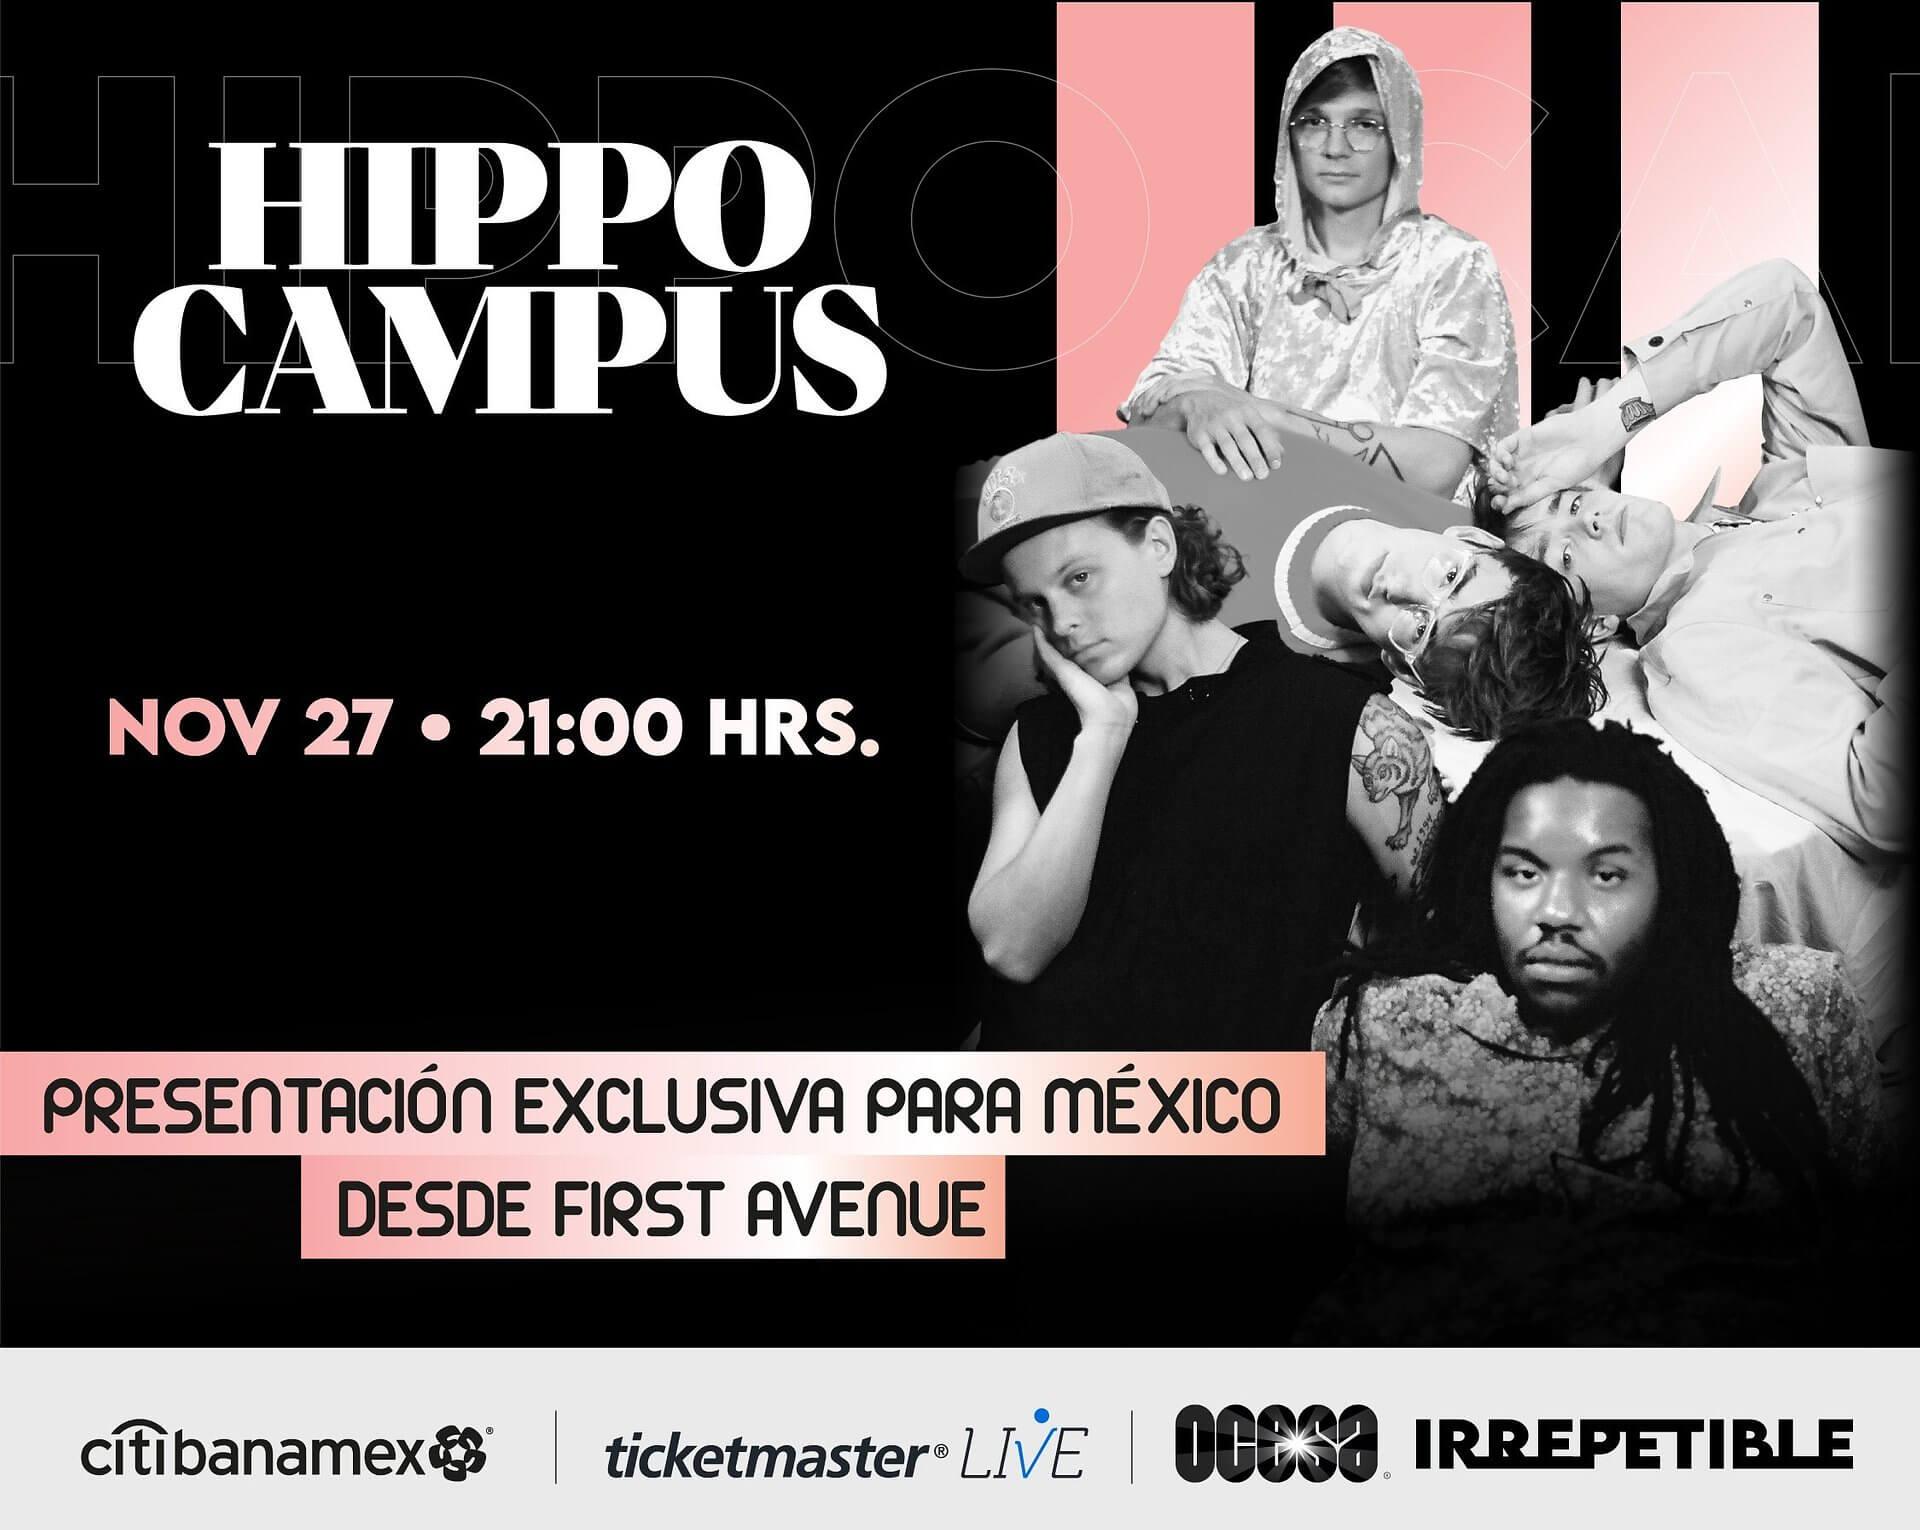 Hippo Campus IRREPETIBLE, 27 de noviembre por Ticketmaster Live